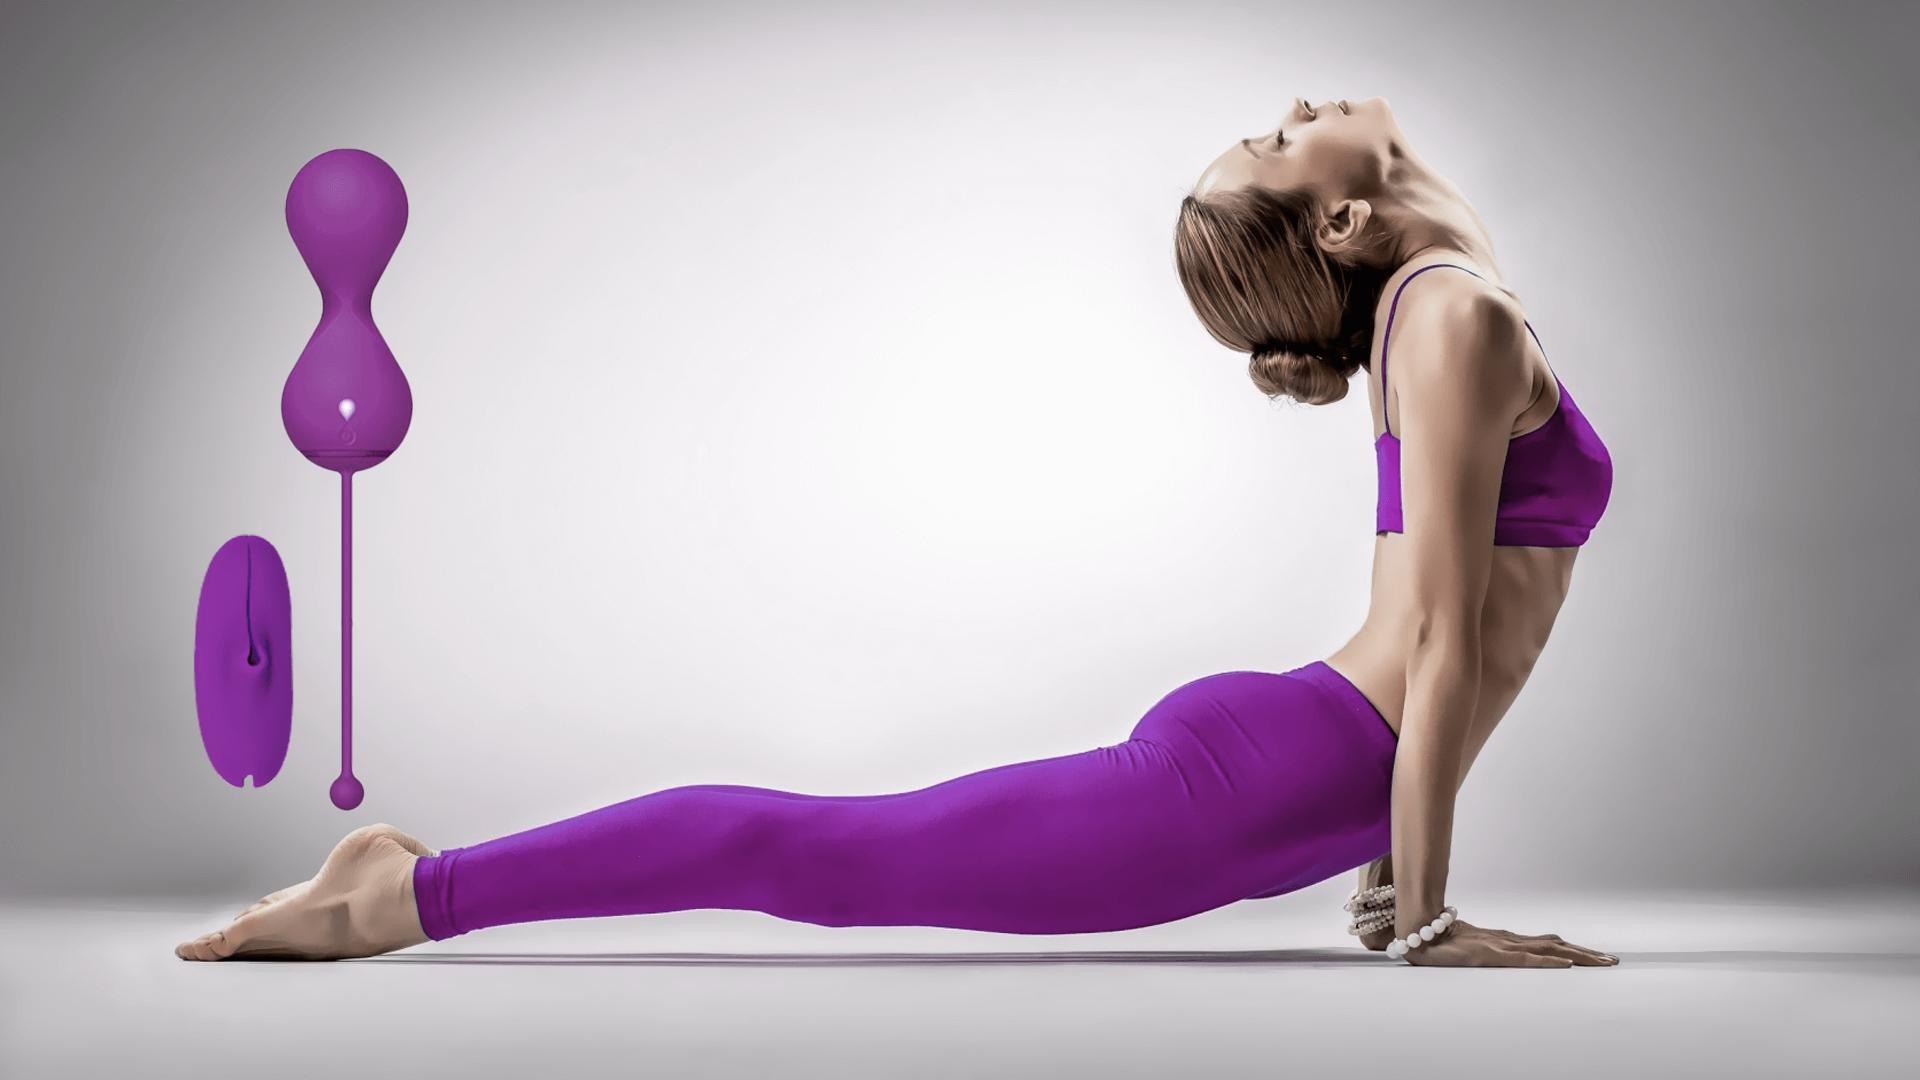 Вумбилдинг: как укрепить интимные мышцы в домашних условиях | бомба тело